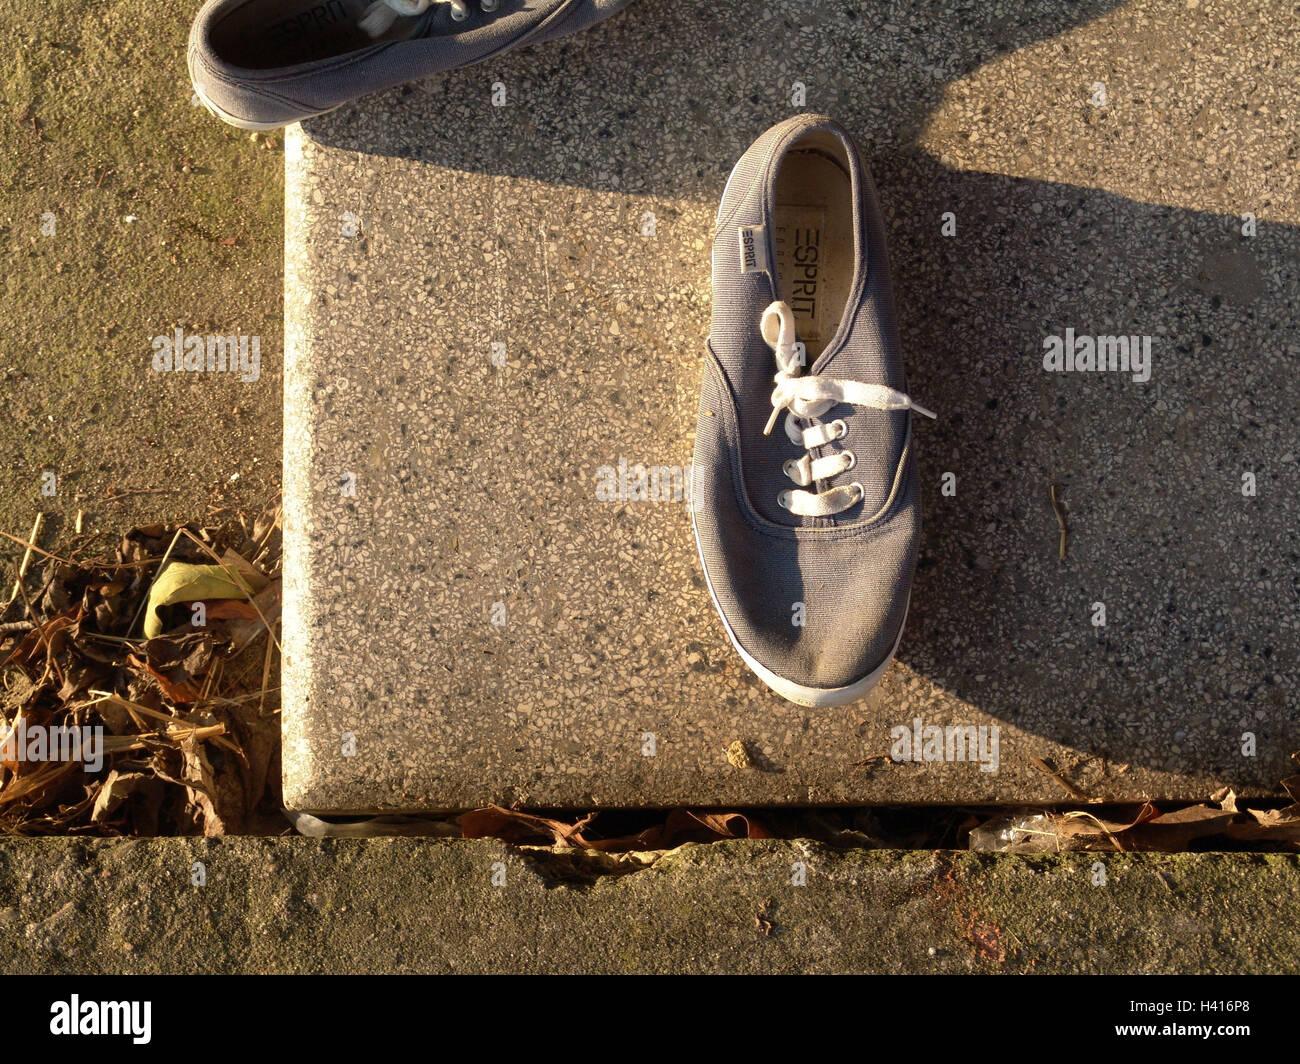 Tempo libero scarpe, ombra, dal al di sopra di scarpe, scarpe di lino, vecchio, utilizza, spogliato, dimenticare, Immagini Stock